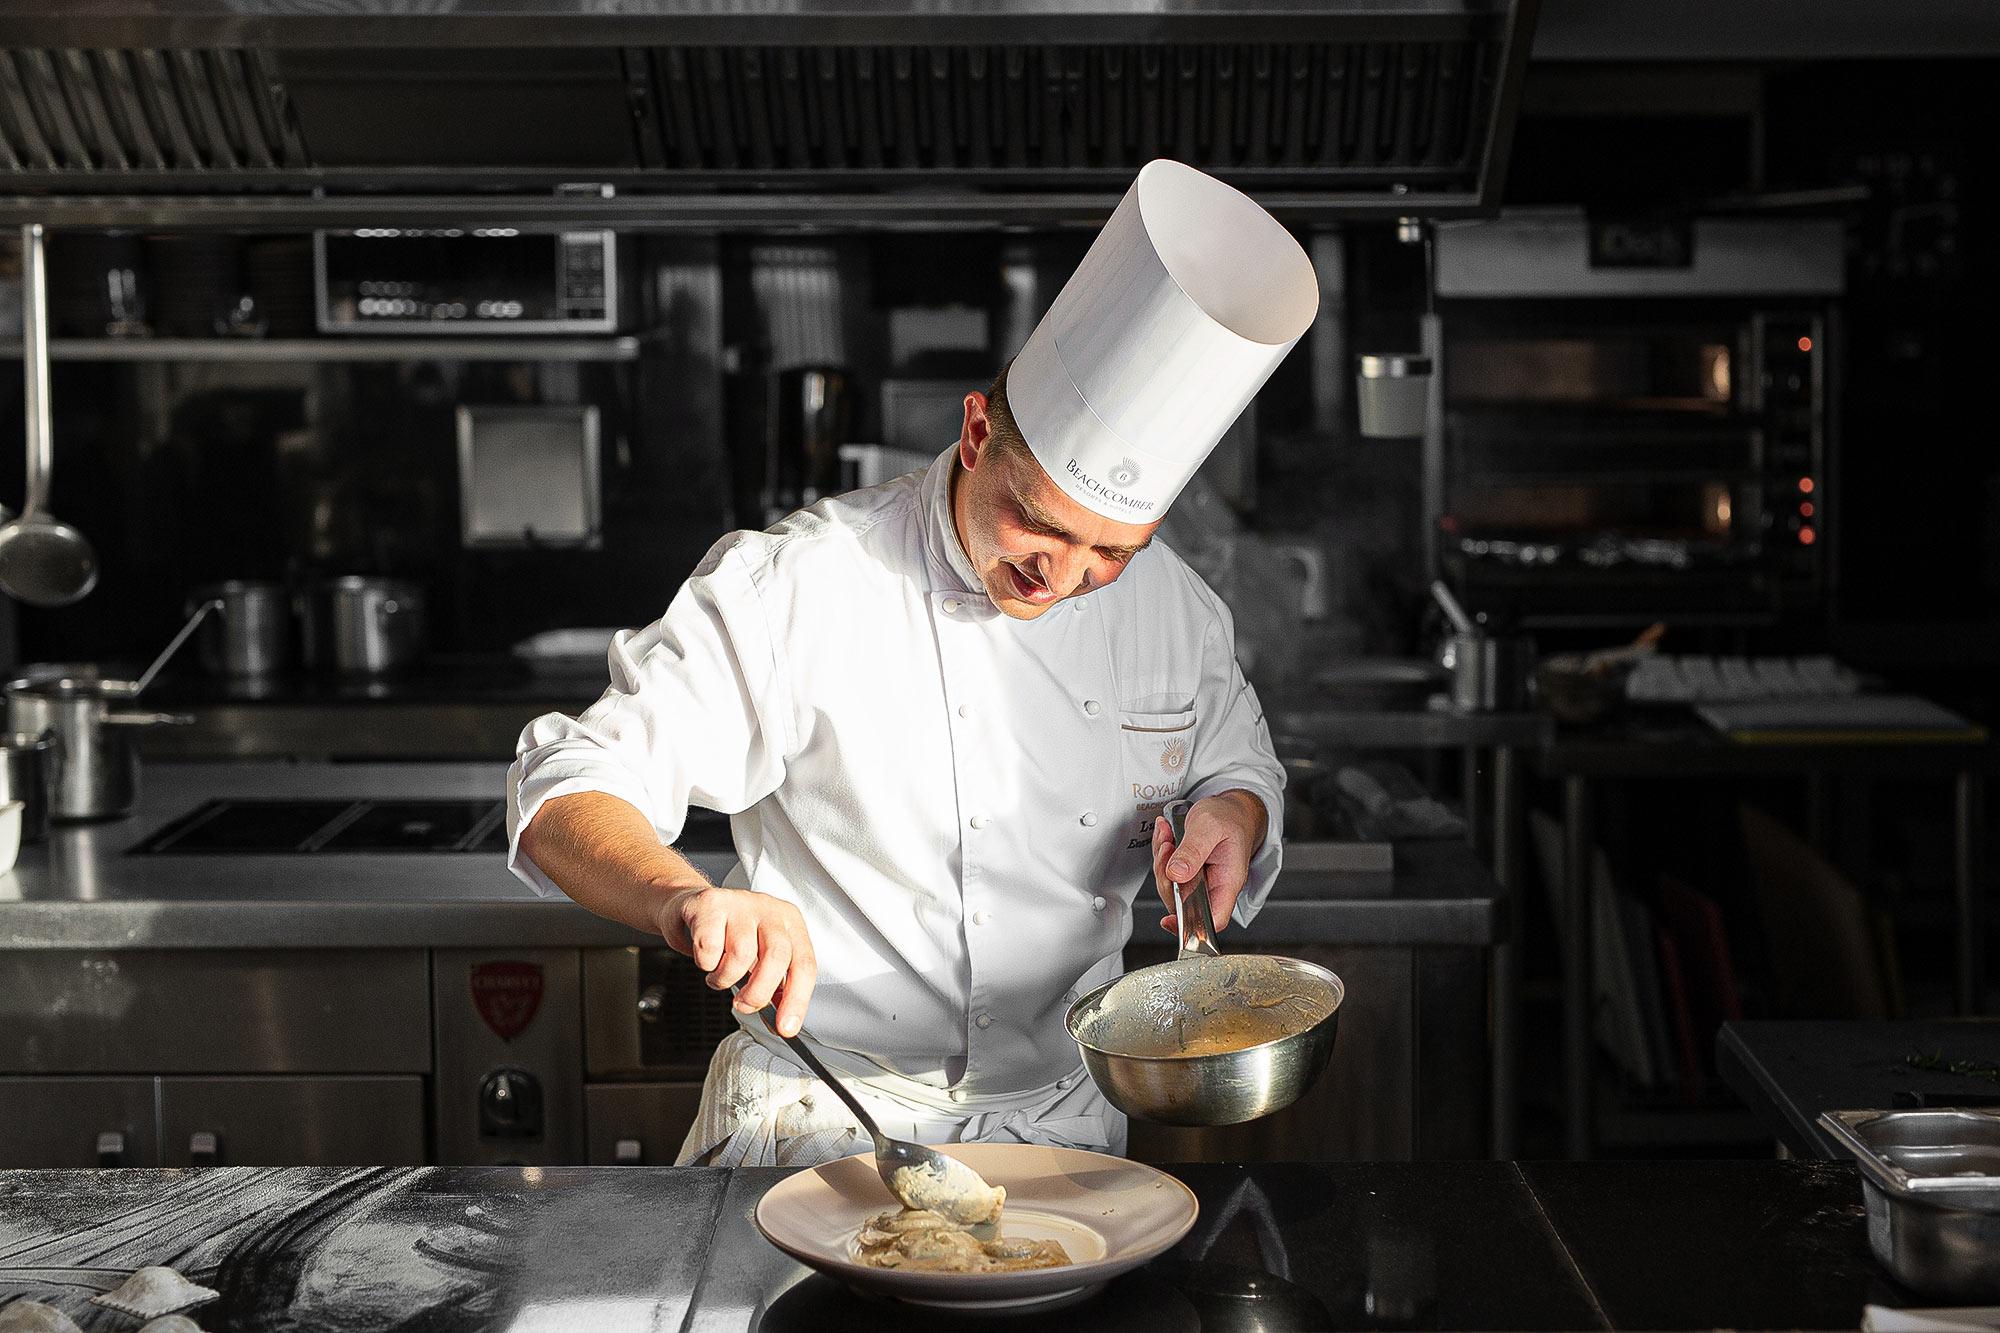 Italienischer Küchenchef Restaurant Fotografie von Adrian Kilchherr Schweiz